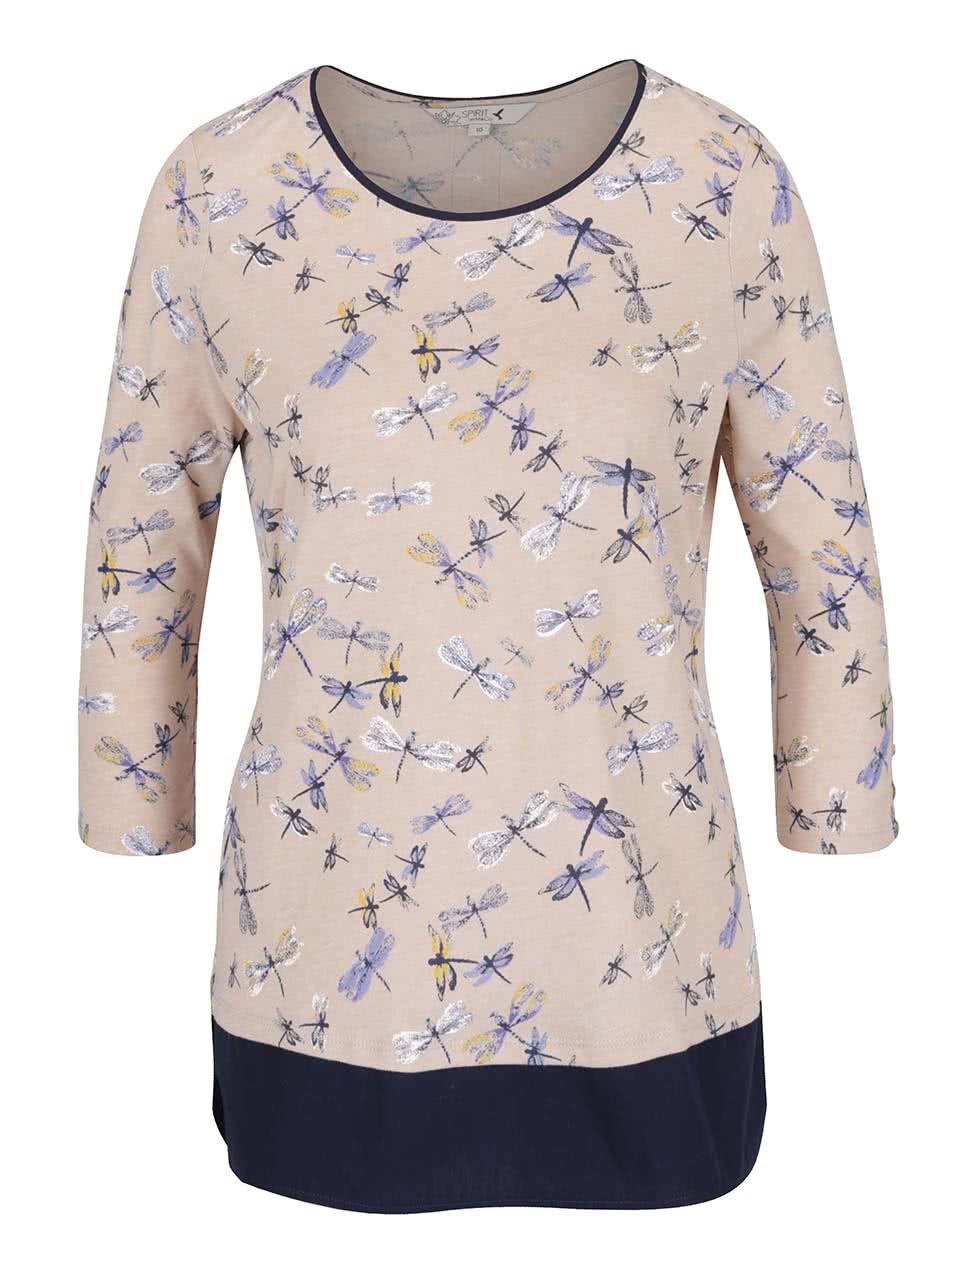 Modro-béžové dámské tričko s motivem vážek M&Co